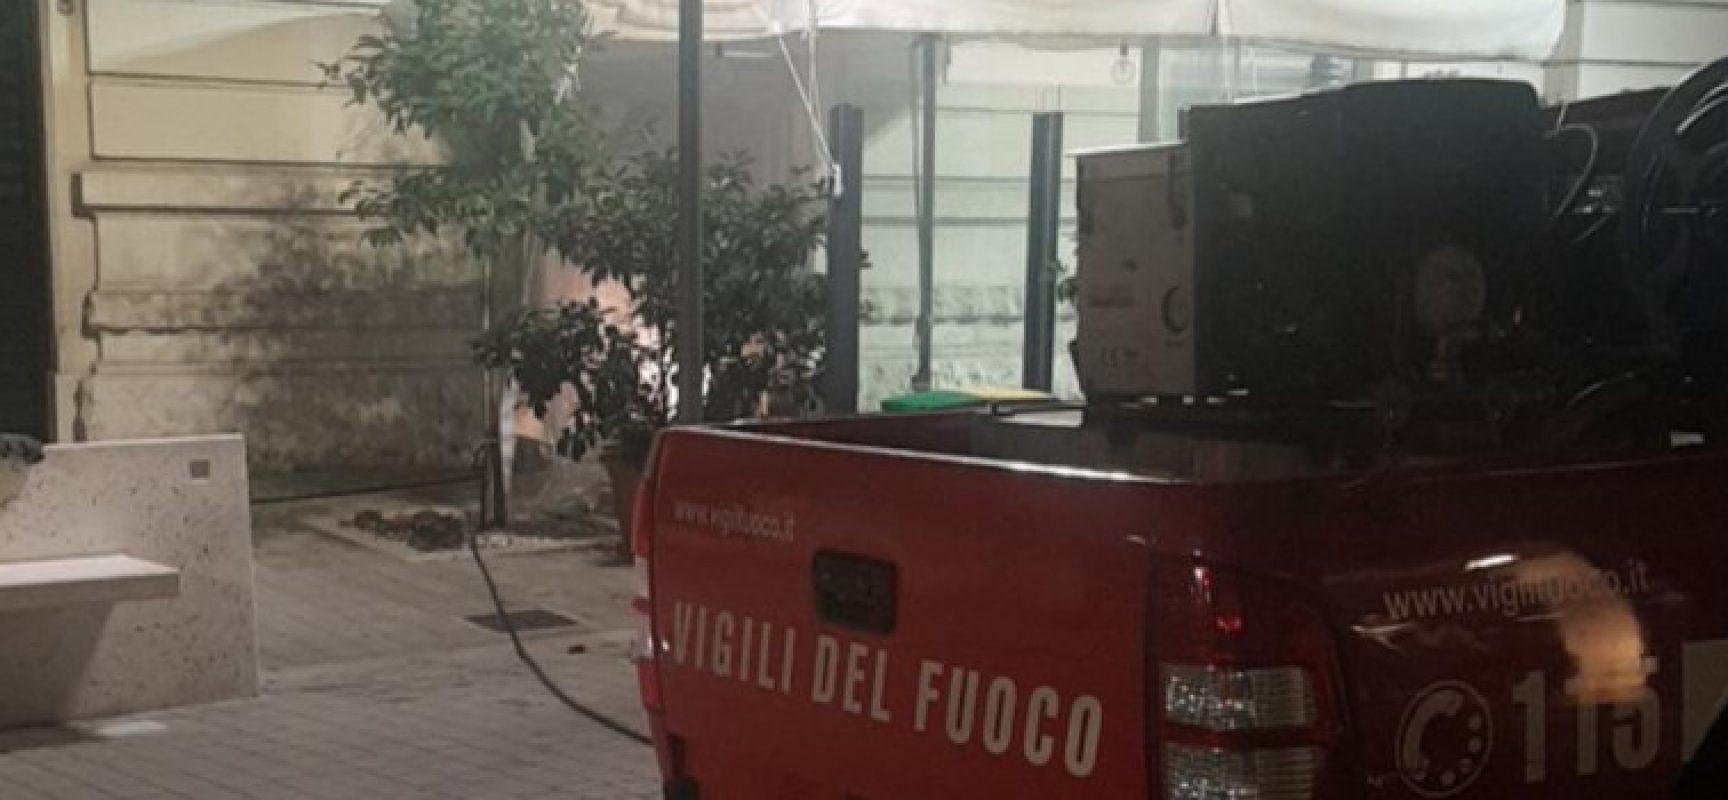 Attività ristorativa in fiamme nella notte su via Aldo Moro